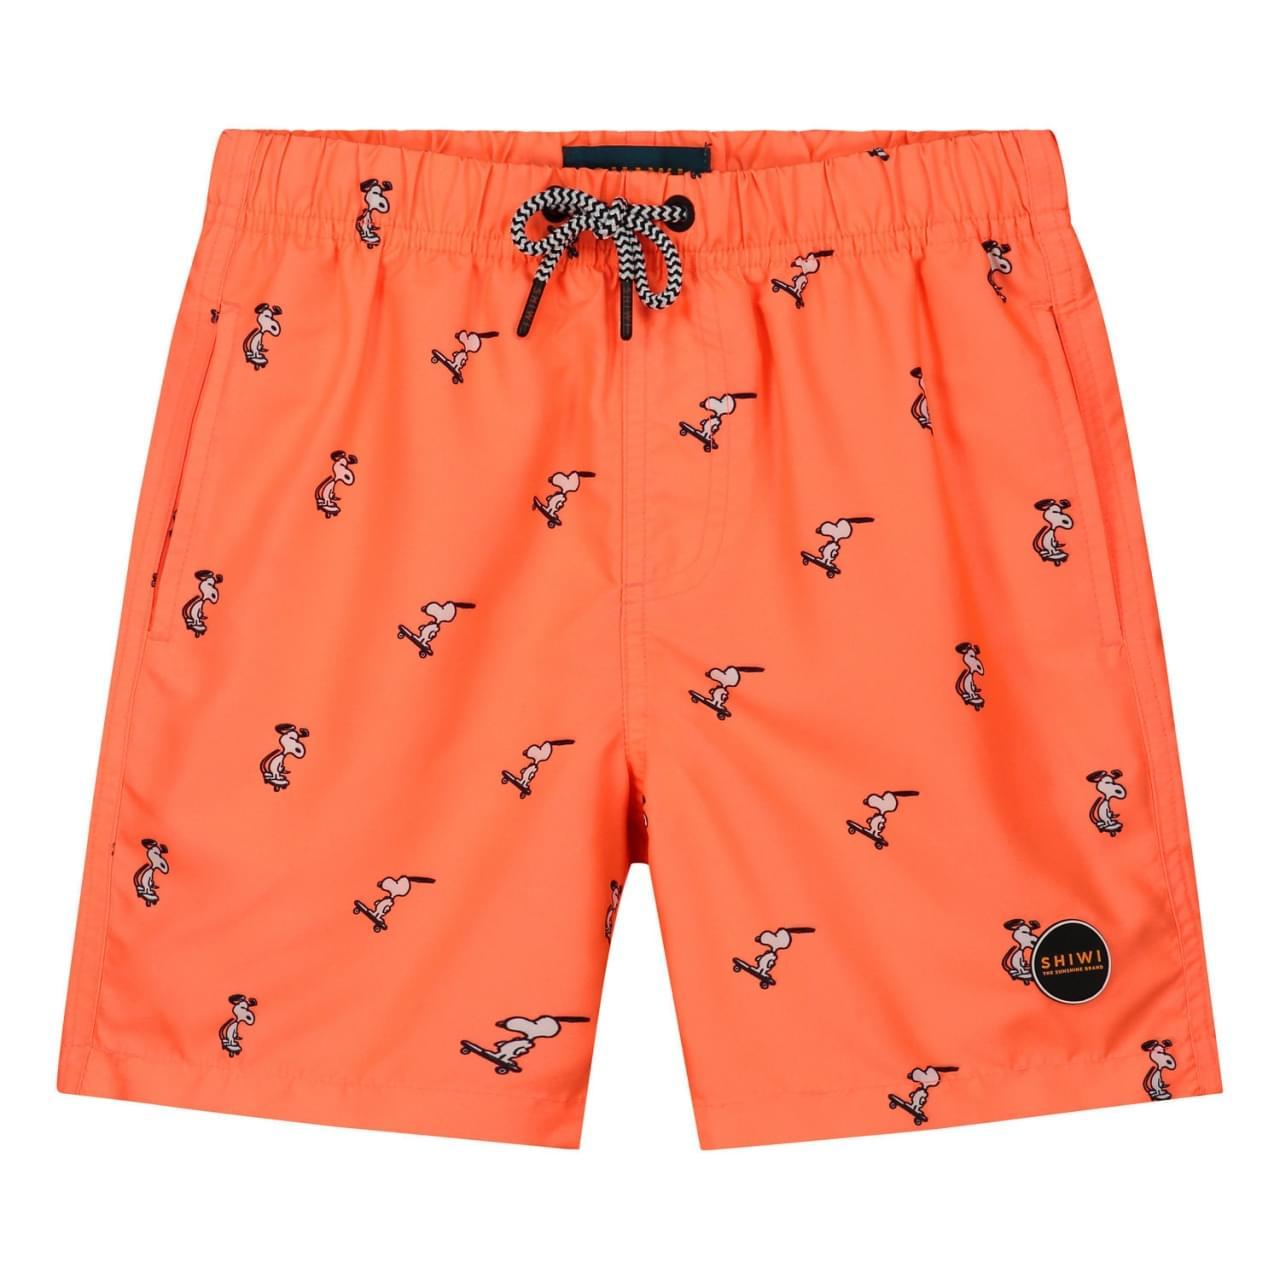 SHIWI Snoopy Happy Skater Zwembroek Kids Oranje